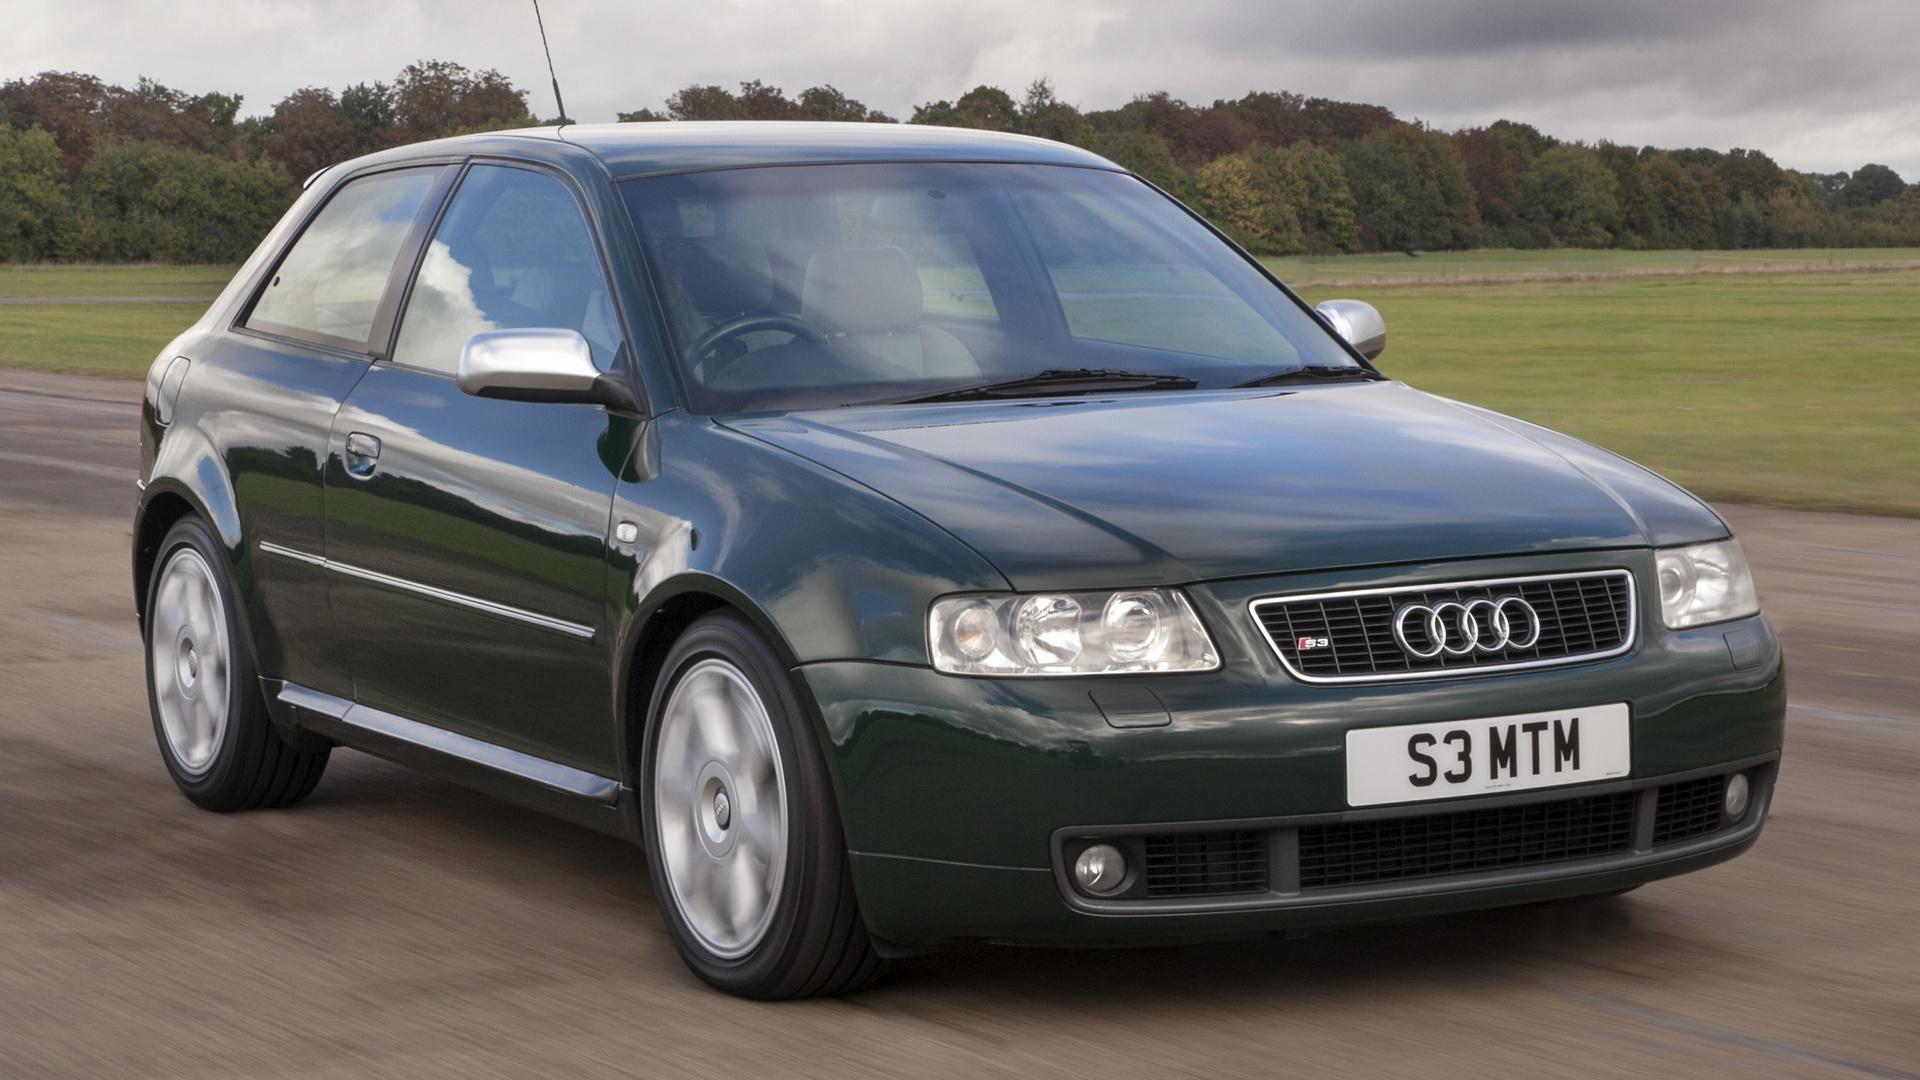 Kelebihan Kekurangan Audi S3 2000 Harga